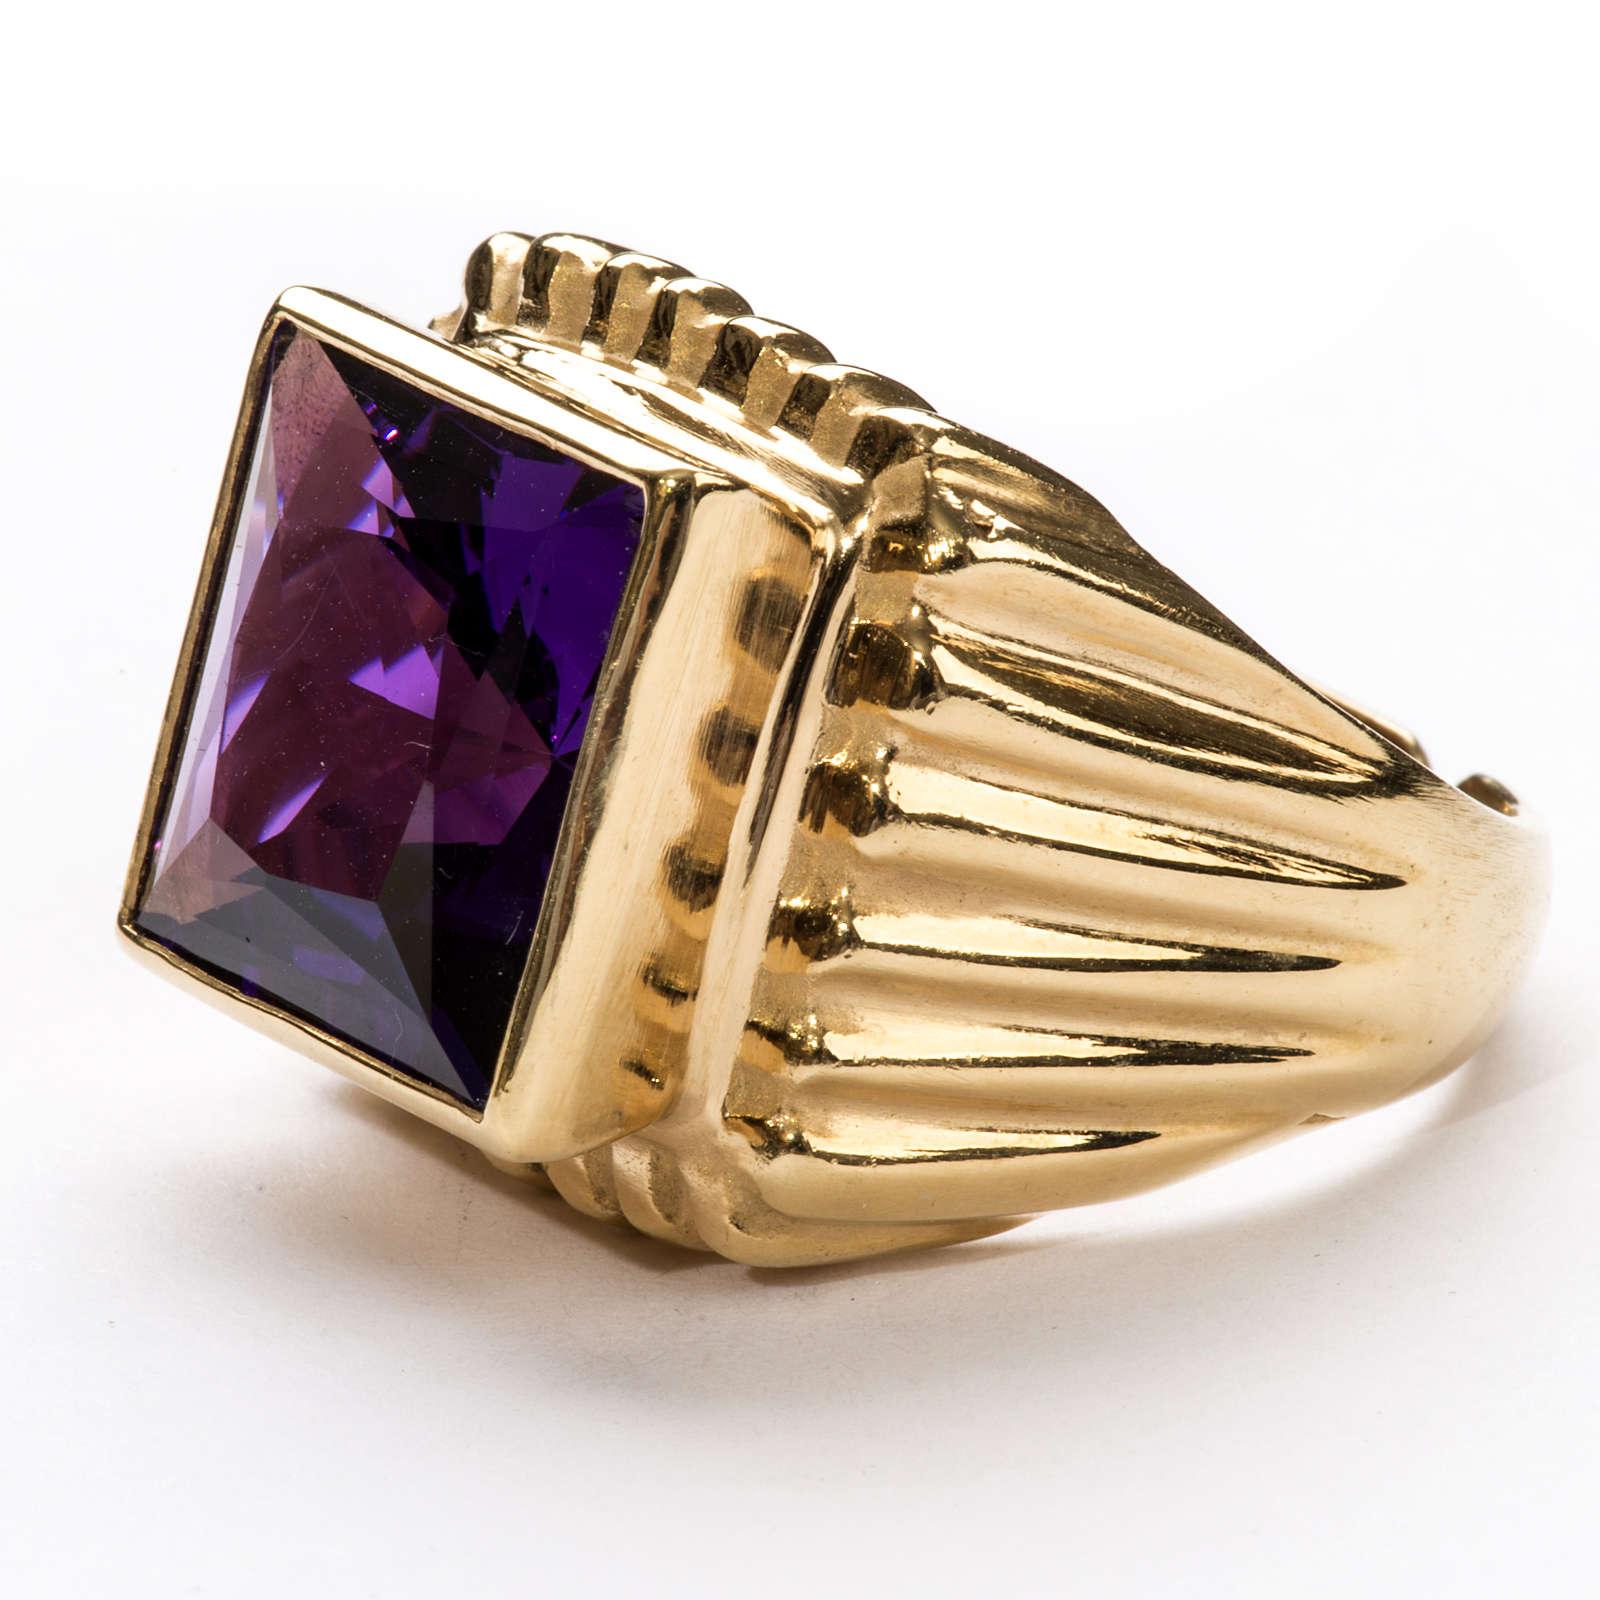 Anel episcopal prata 925 dourada jade cor de ametista 3